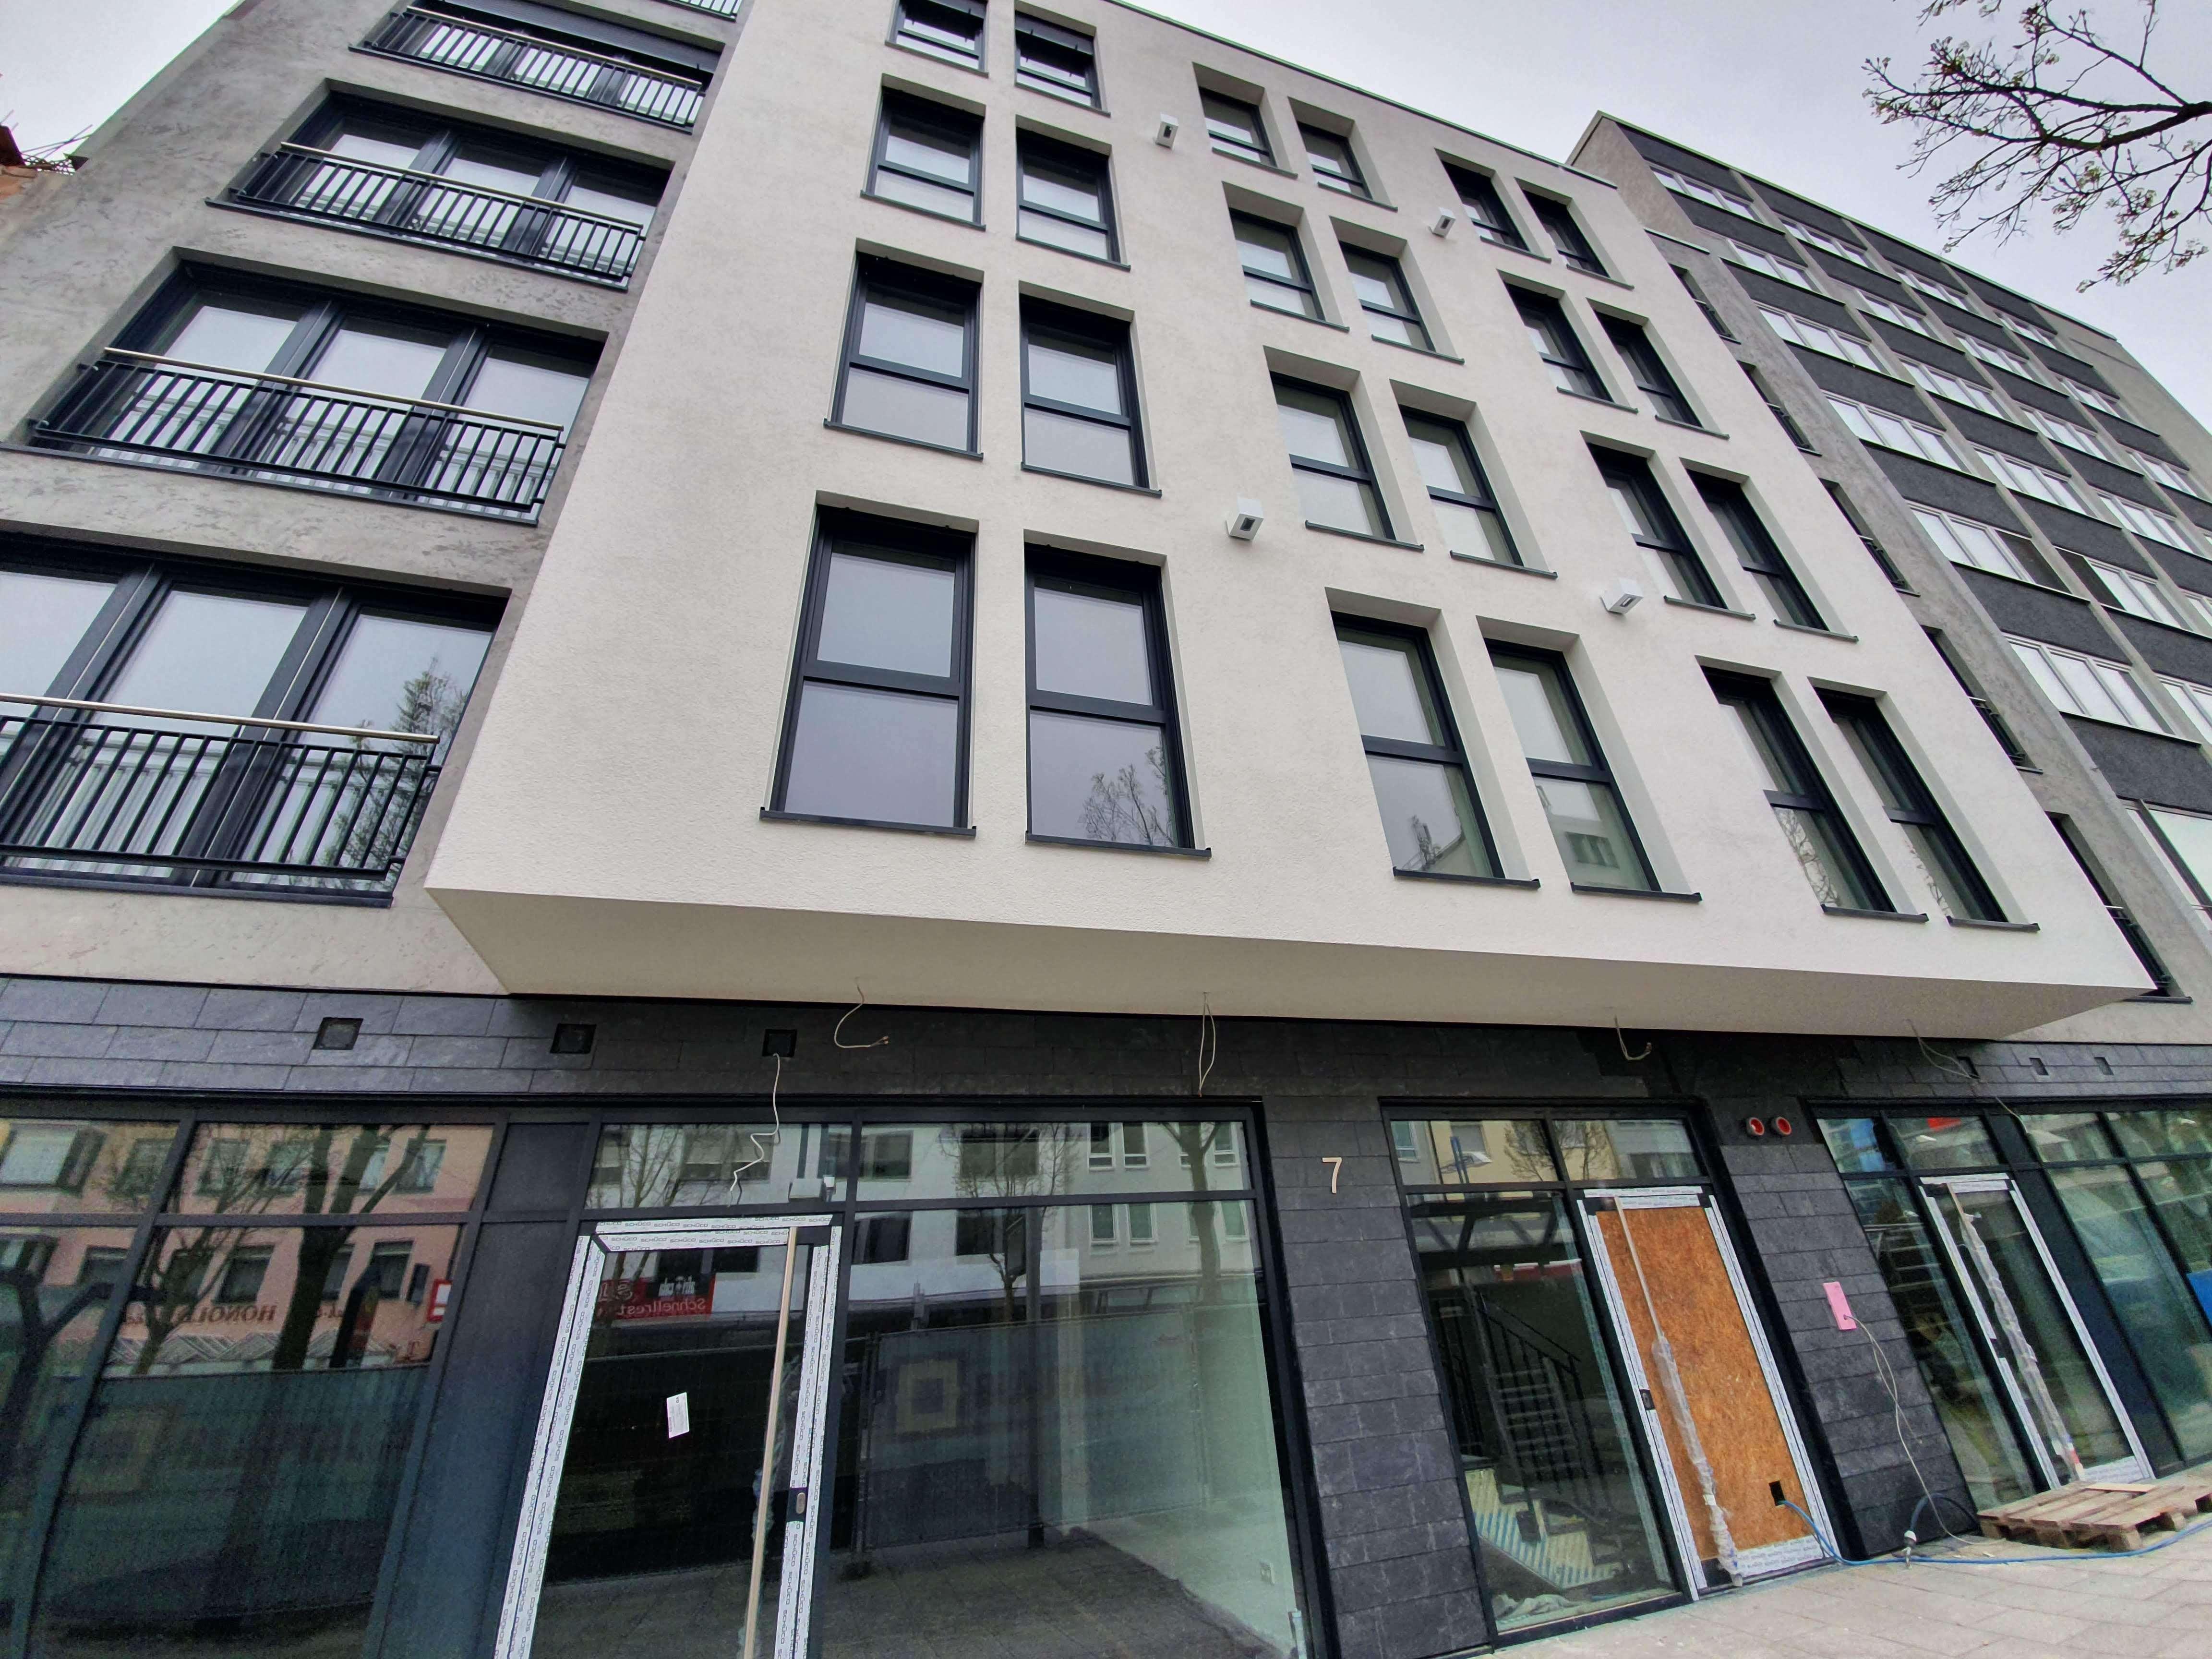 Neubau: 3-Zimmer-Penthouse mit EBK und 20qm Terrasse in bester Citylage Neu-Ulm